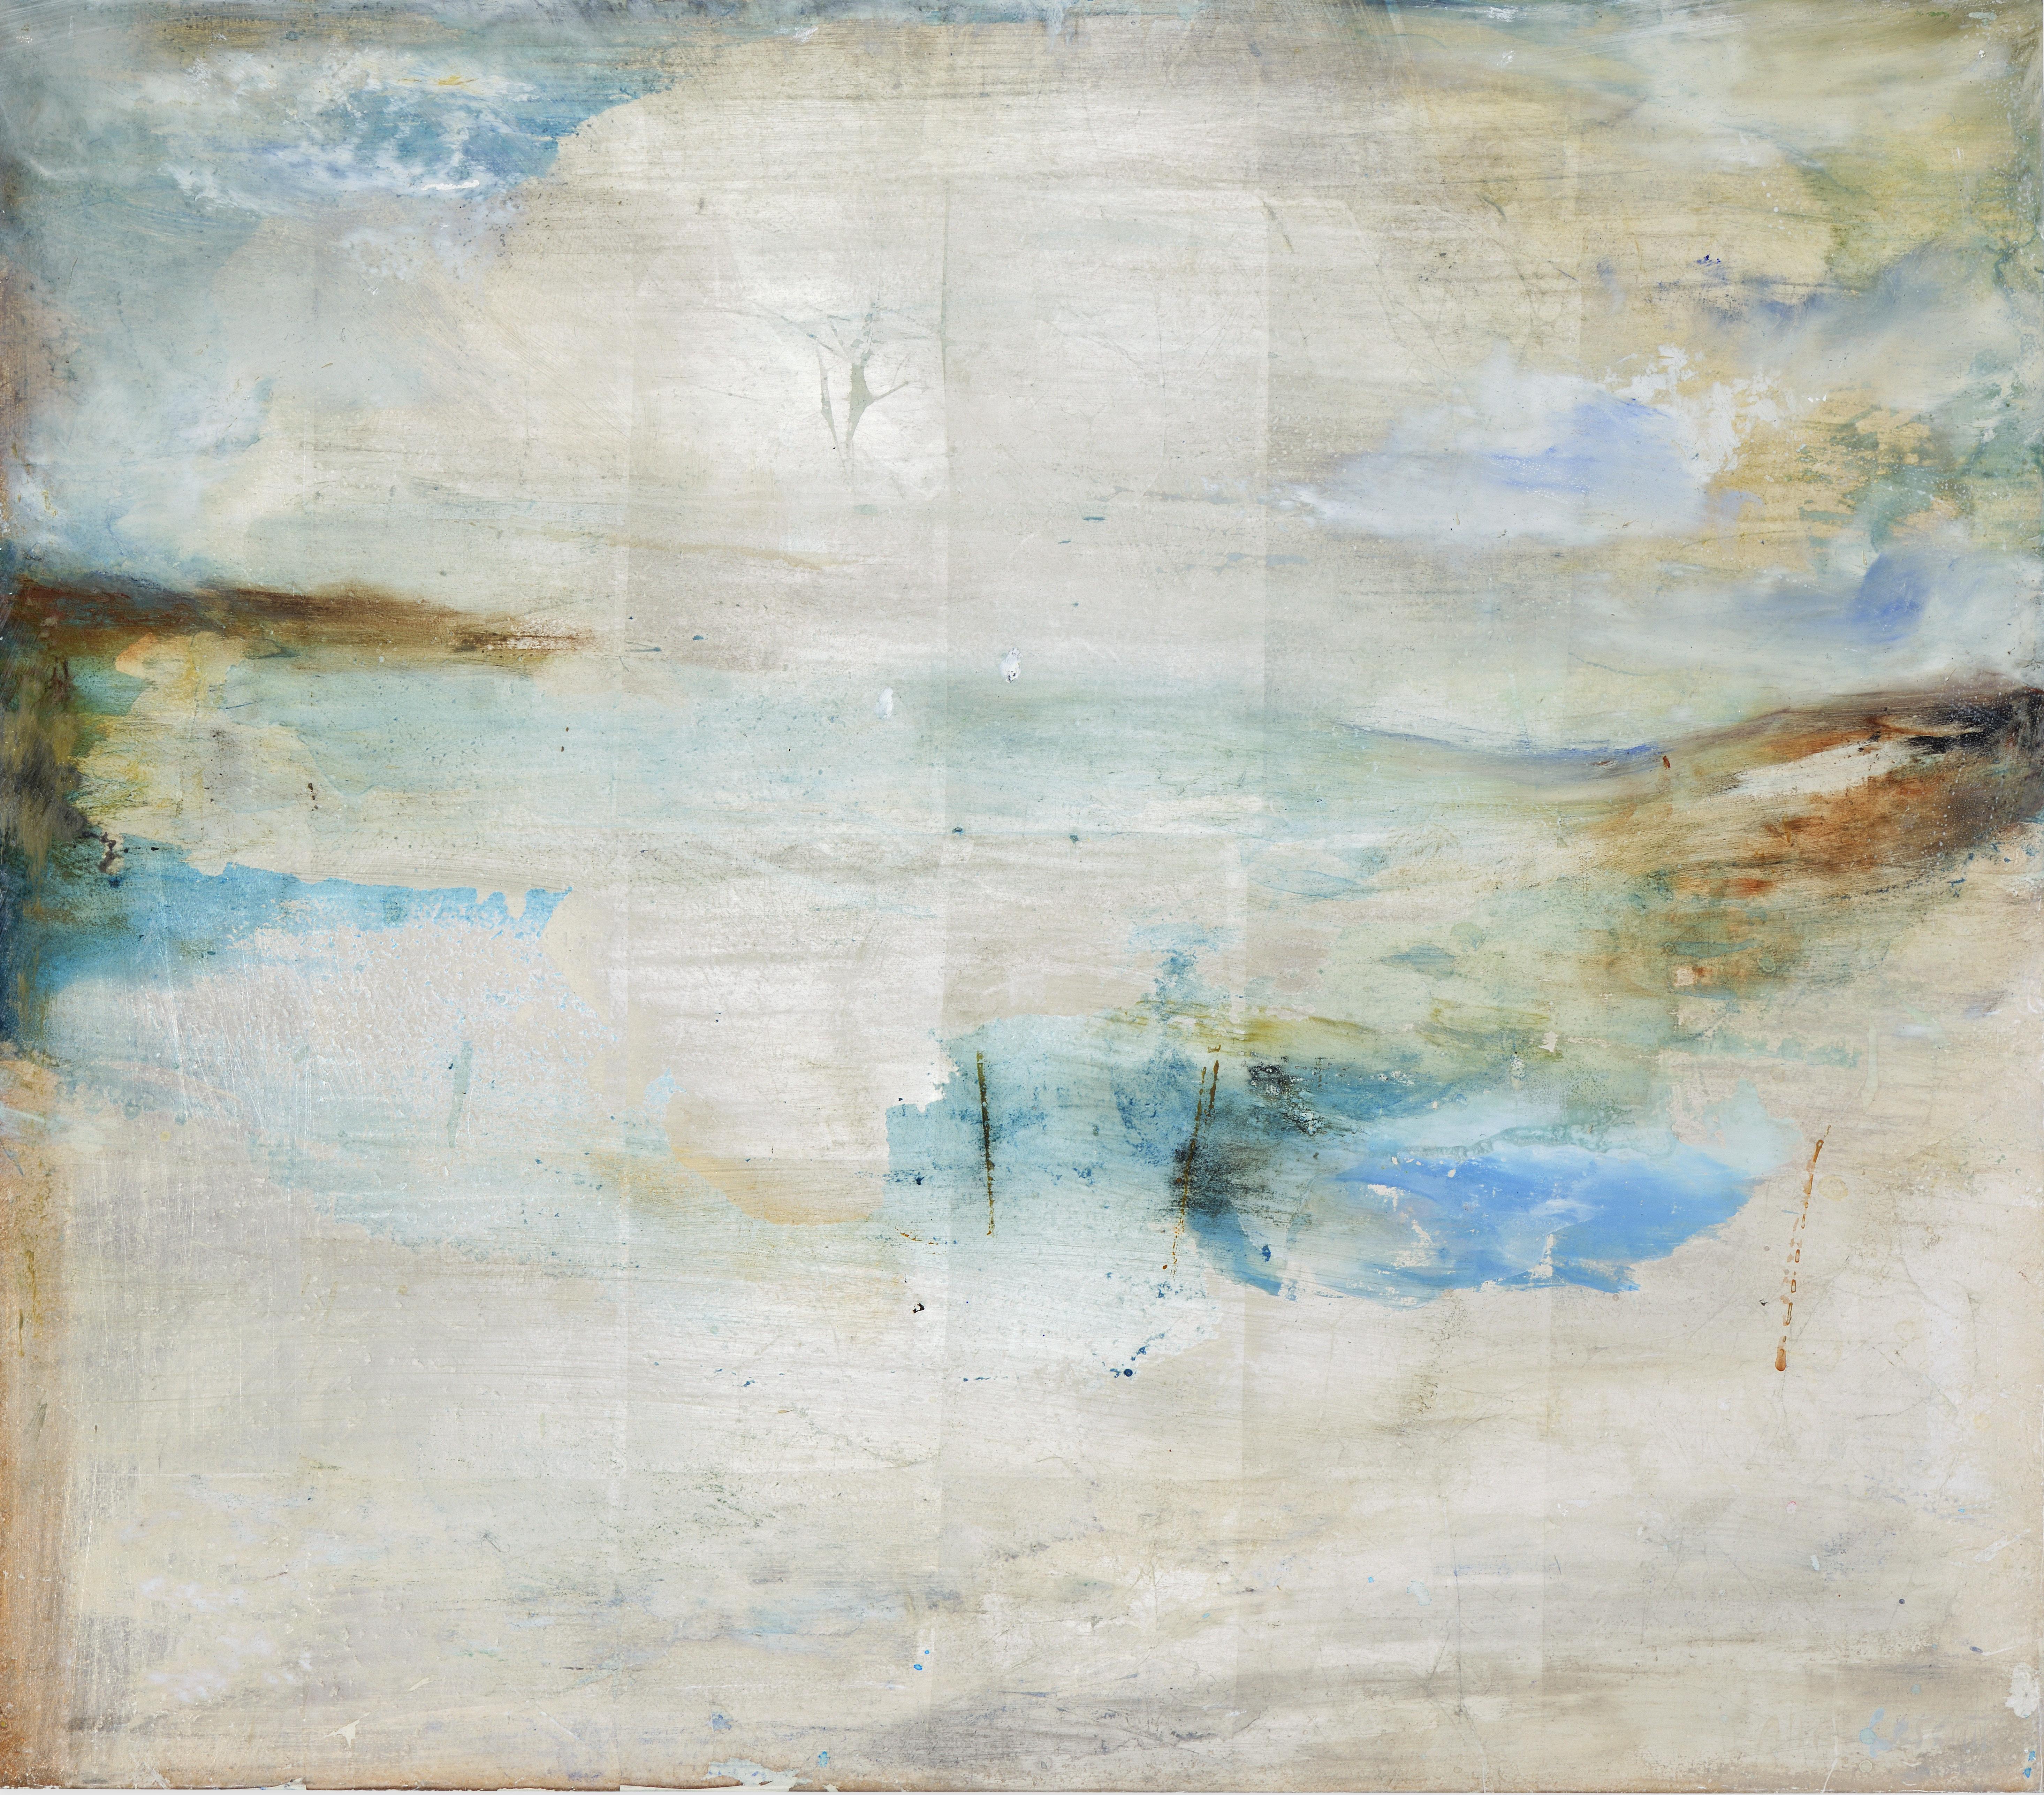 Sea Study 1 by Alice Cescatti